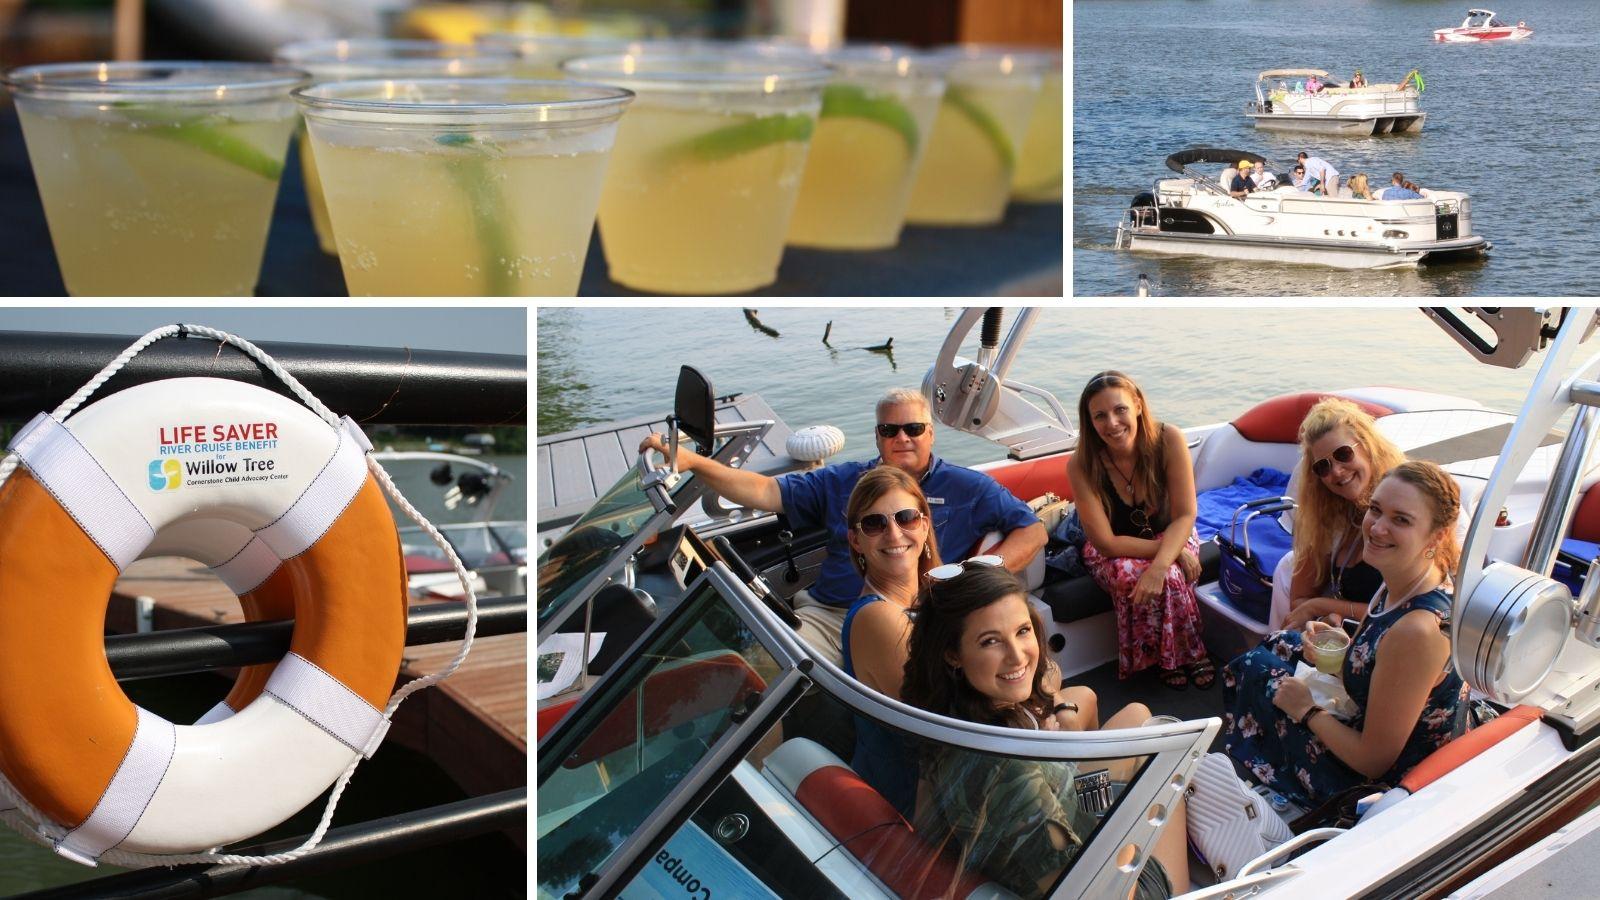 Photos of Life Saver River Cruise